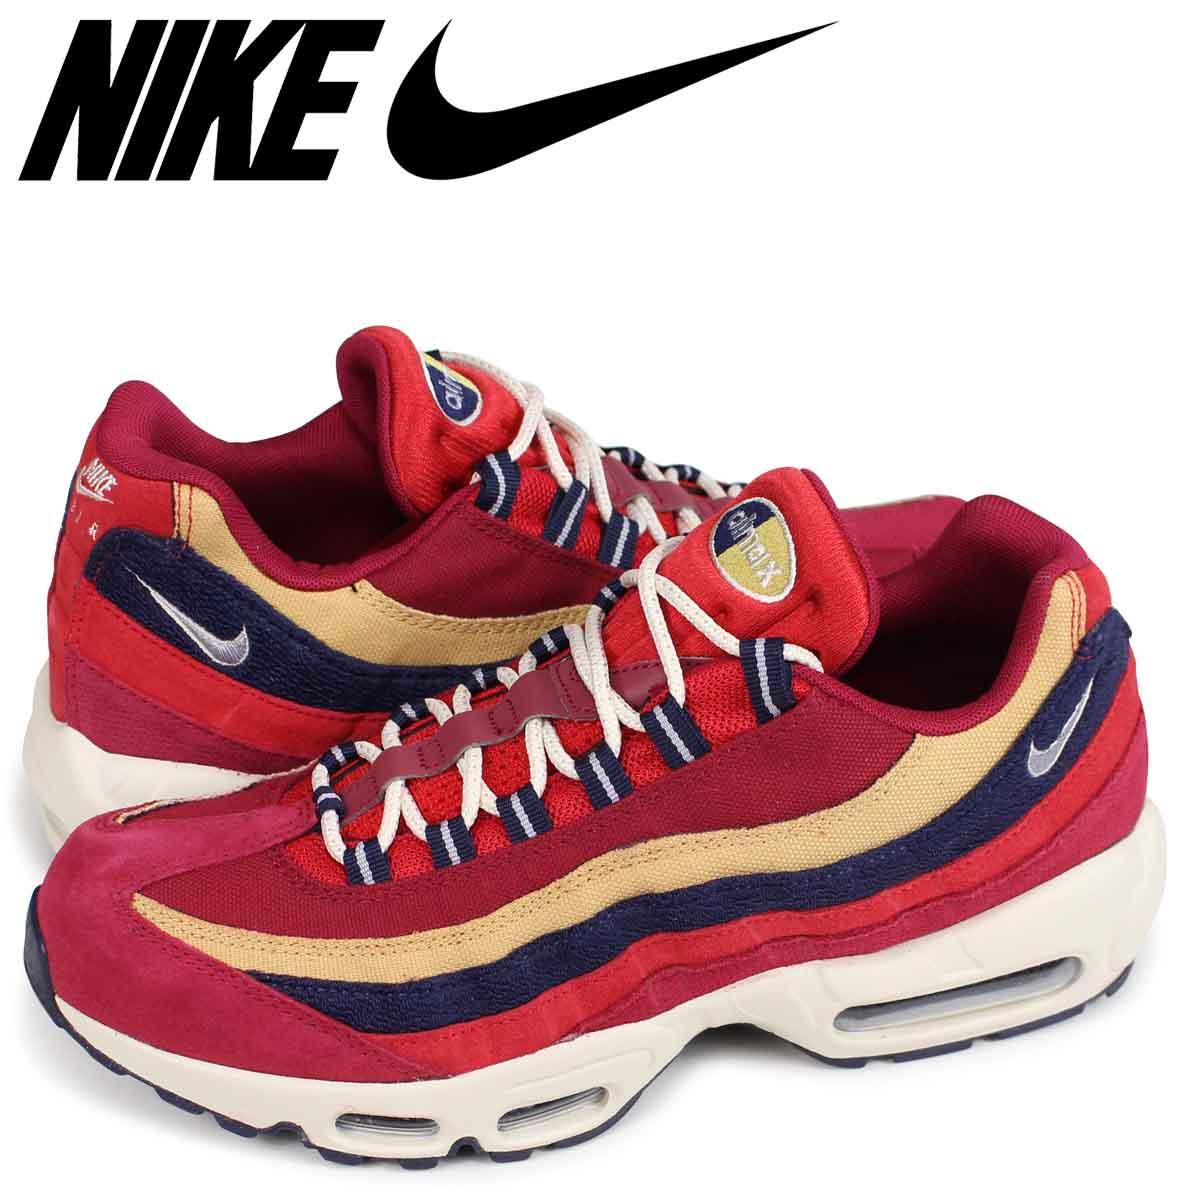 Nike NIKE Air Max 95 sneakers men AIR MAX 95 PREMIUM 538,416 603 red